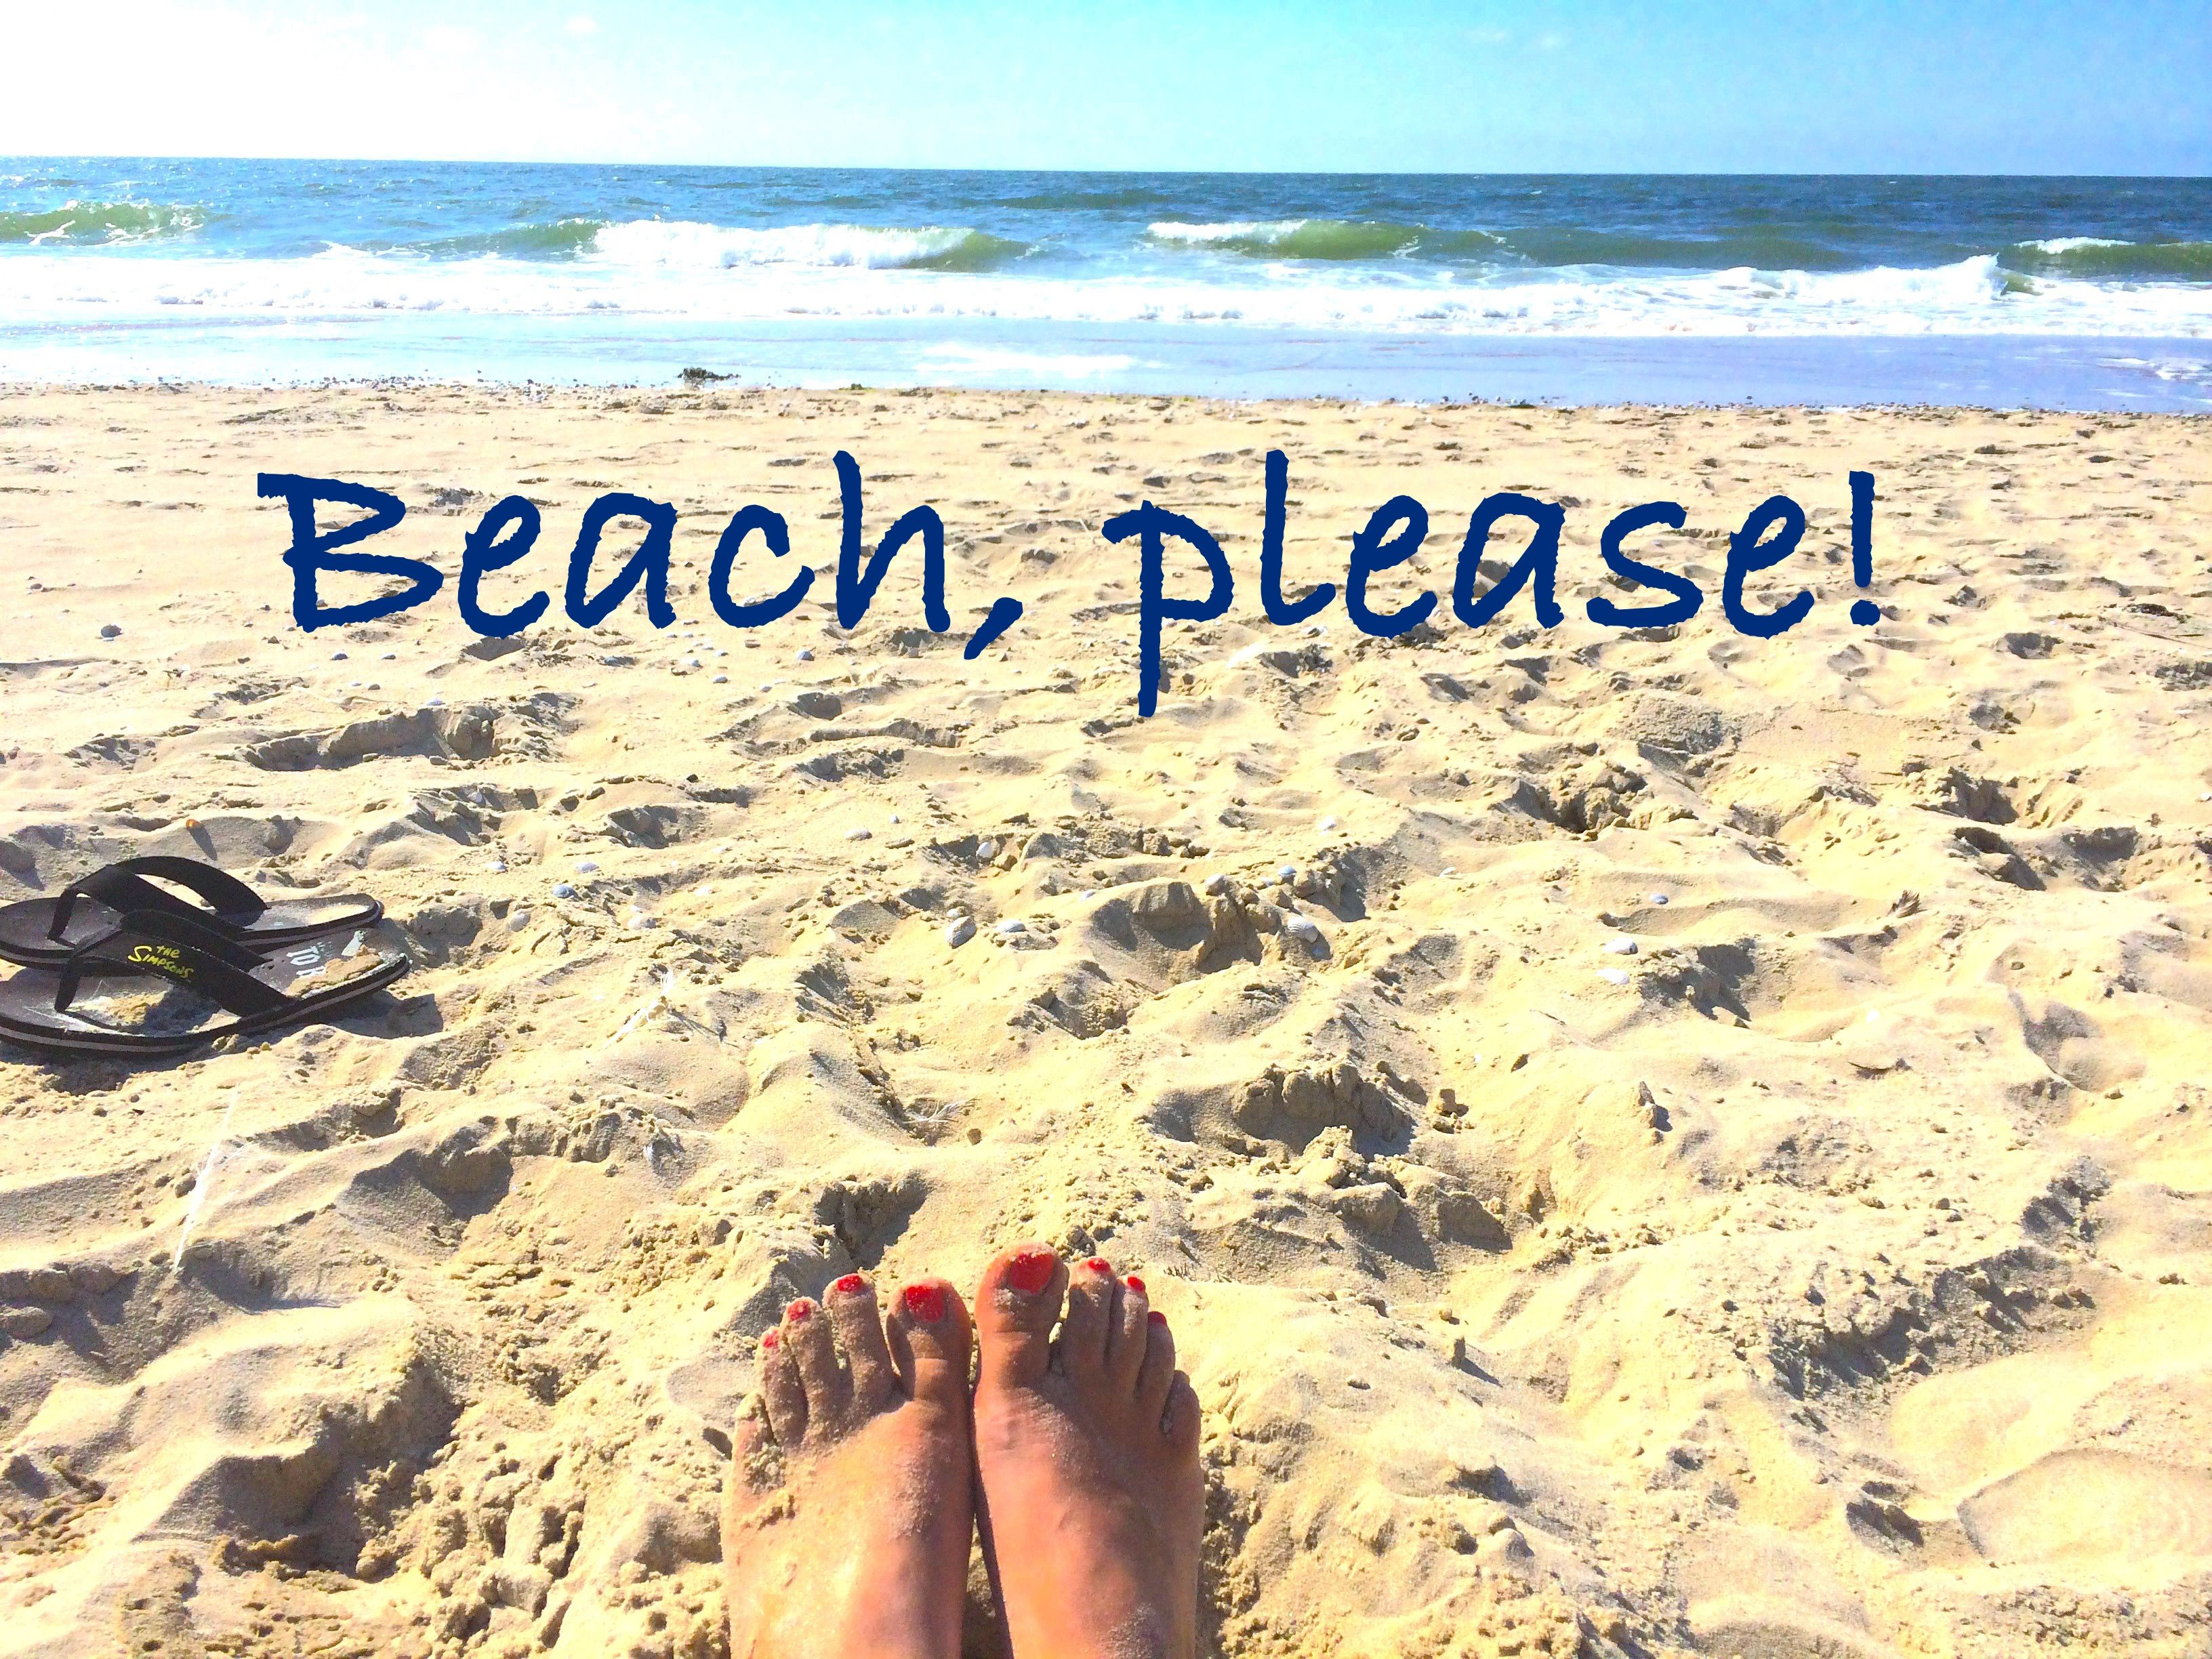 beach please travel zitate spr che meer urlaub ferienhaus strand urlaub pinterest. Black Bedroom Furniture Sets. Home Design Ideas